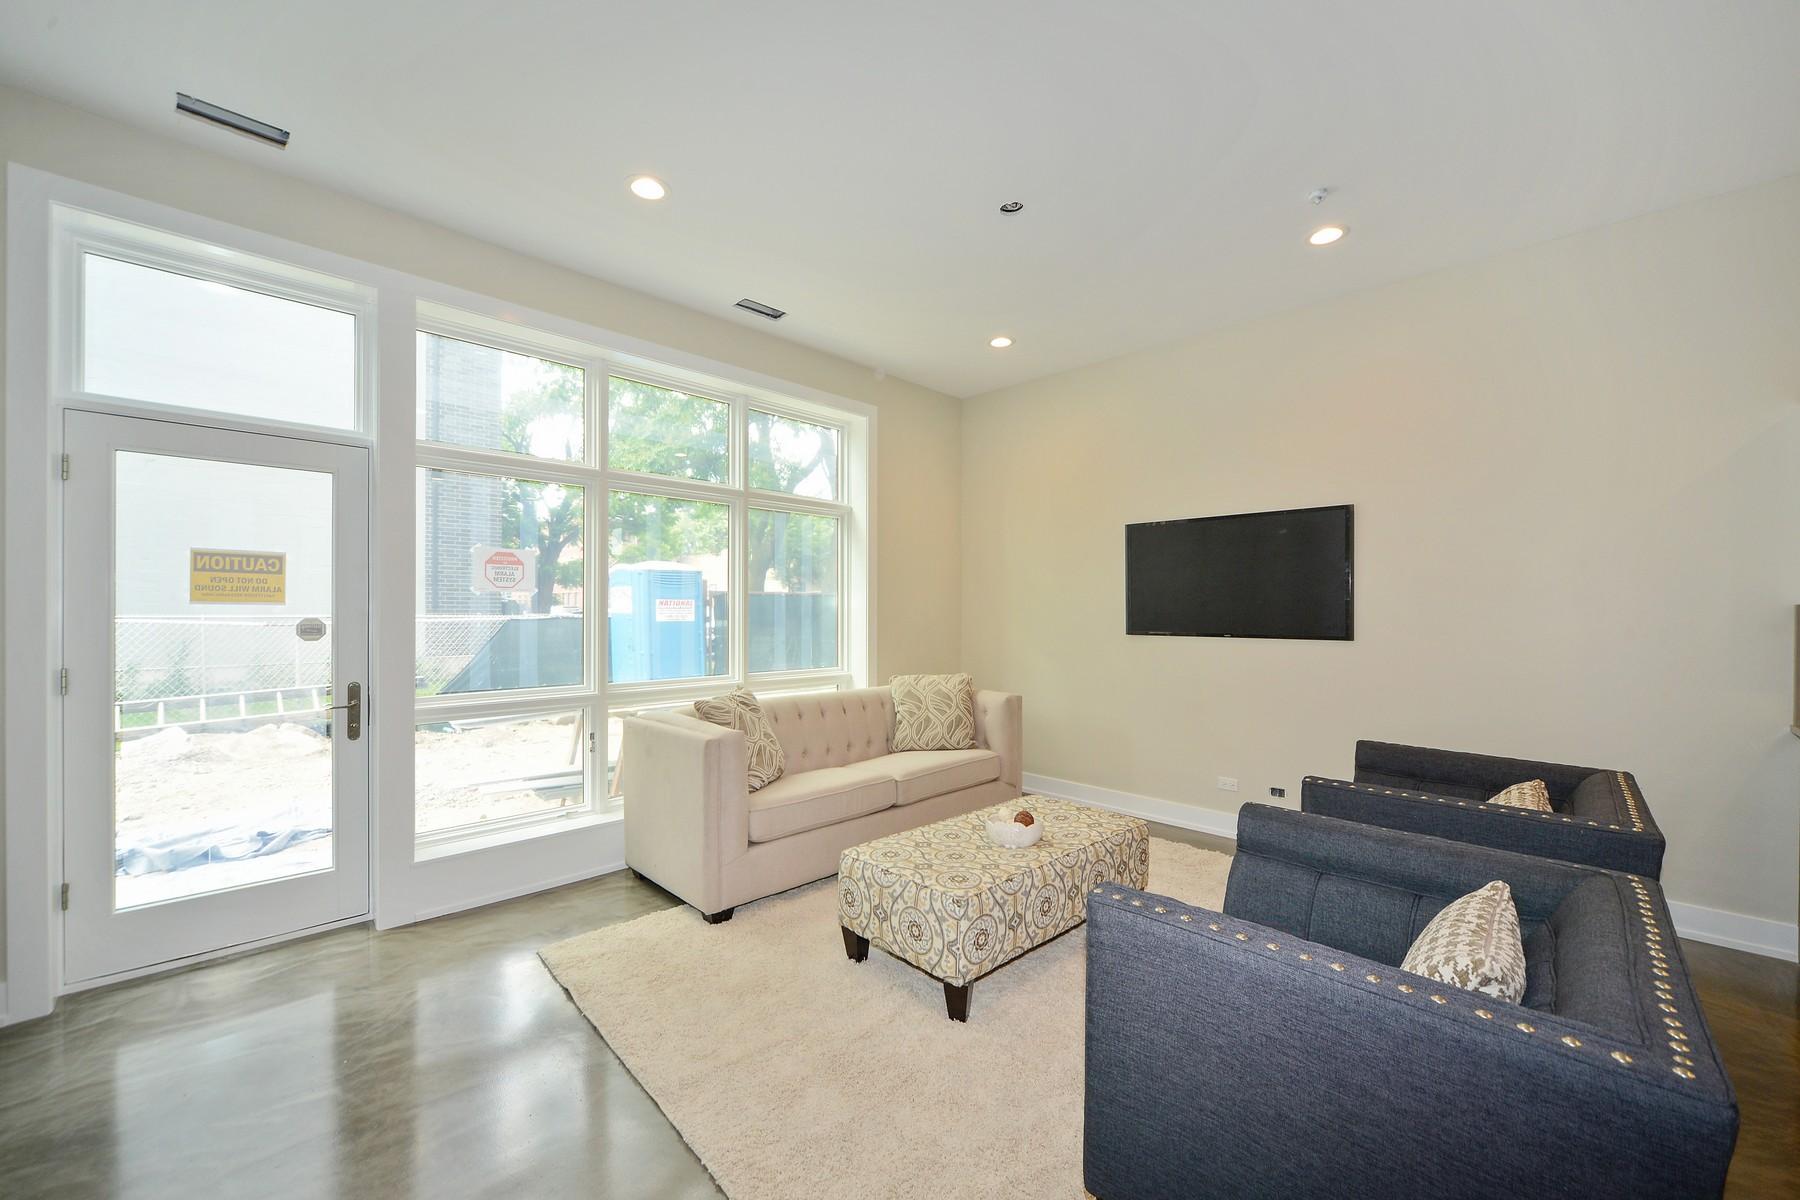 타운하우스 용 매매 에 Gorgeous and sophisticated 3 bedroom, 2.5 bath 2810 W Walton Street Chicago, 일리노이즈, 60622 미국